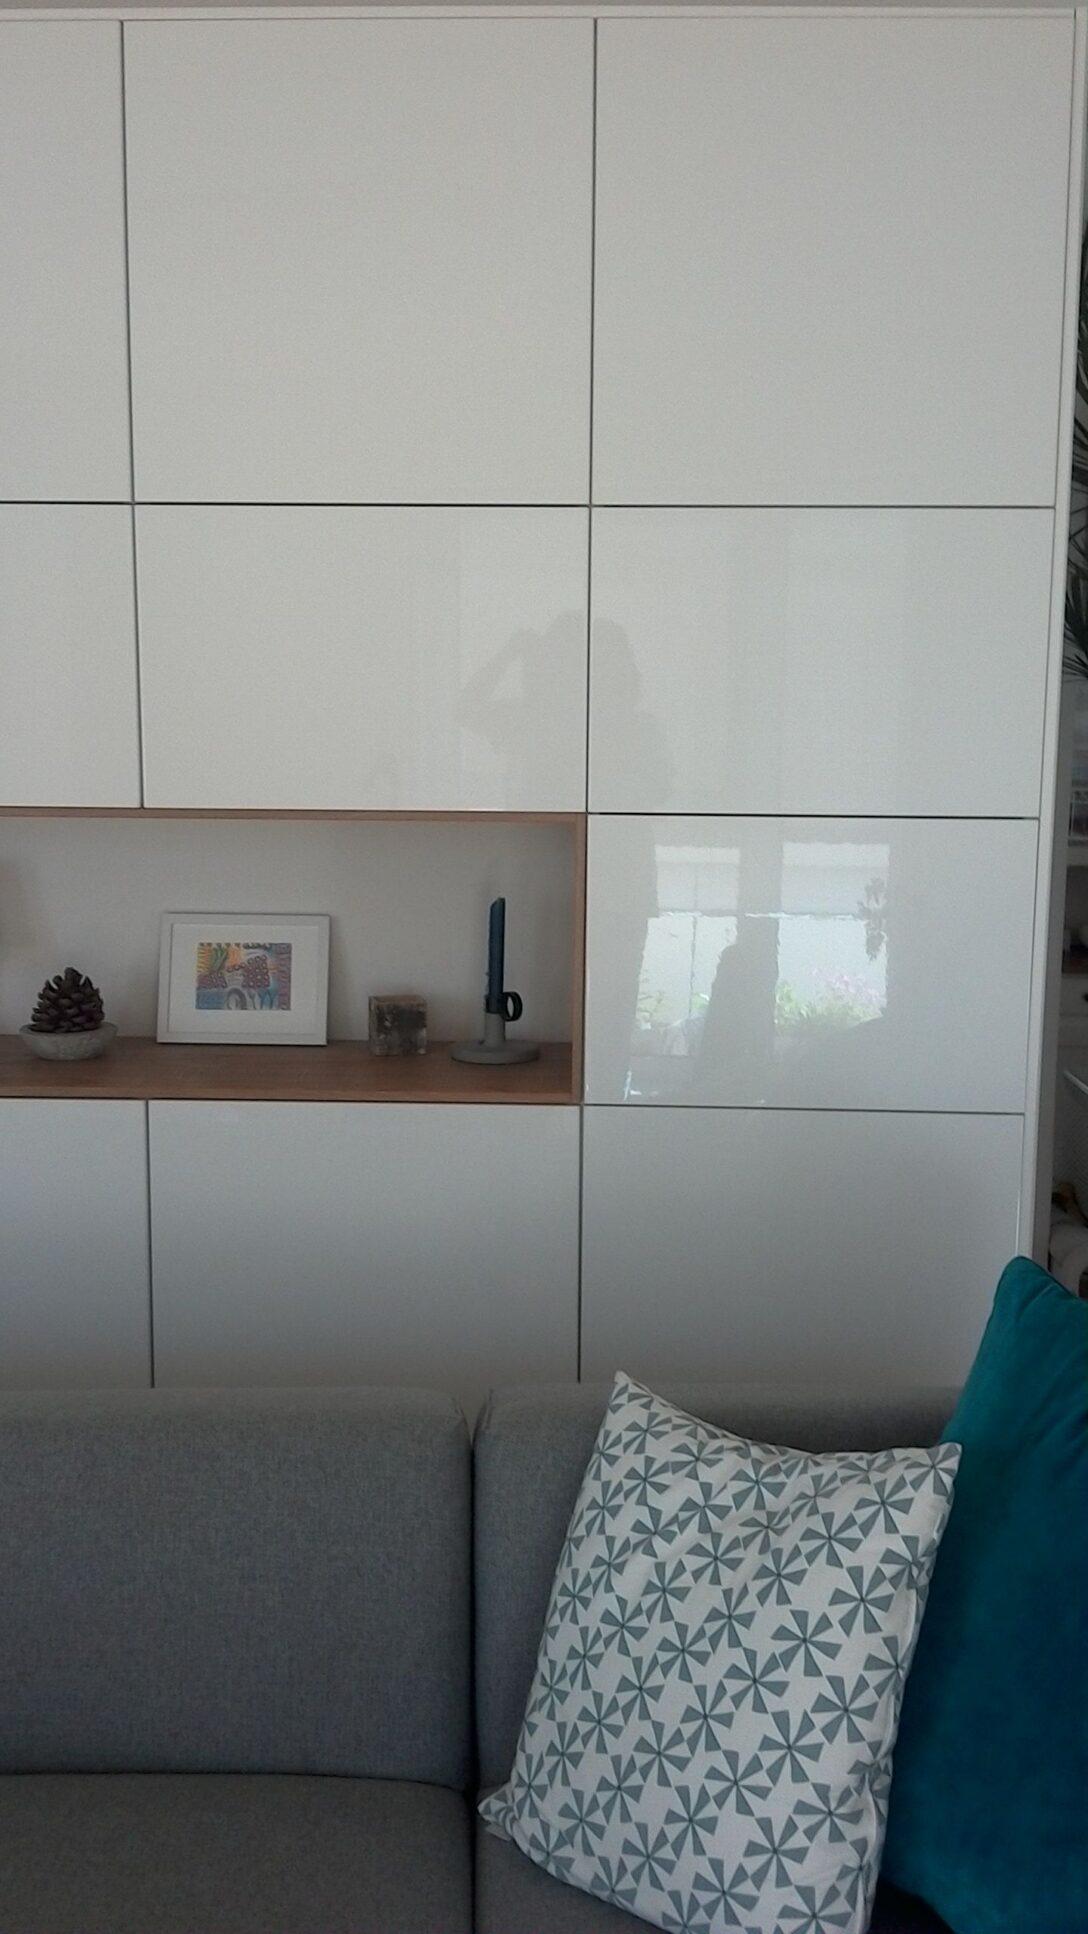 Large Size of Küche Ikea Kosten Sofa Mit Schlaffunktion Betten 160x200 Modulküche Miniküche Kaufen Bei Wohnzimmer Wohnzimmerschränke Ikea